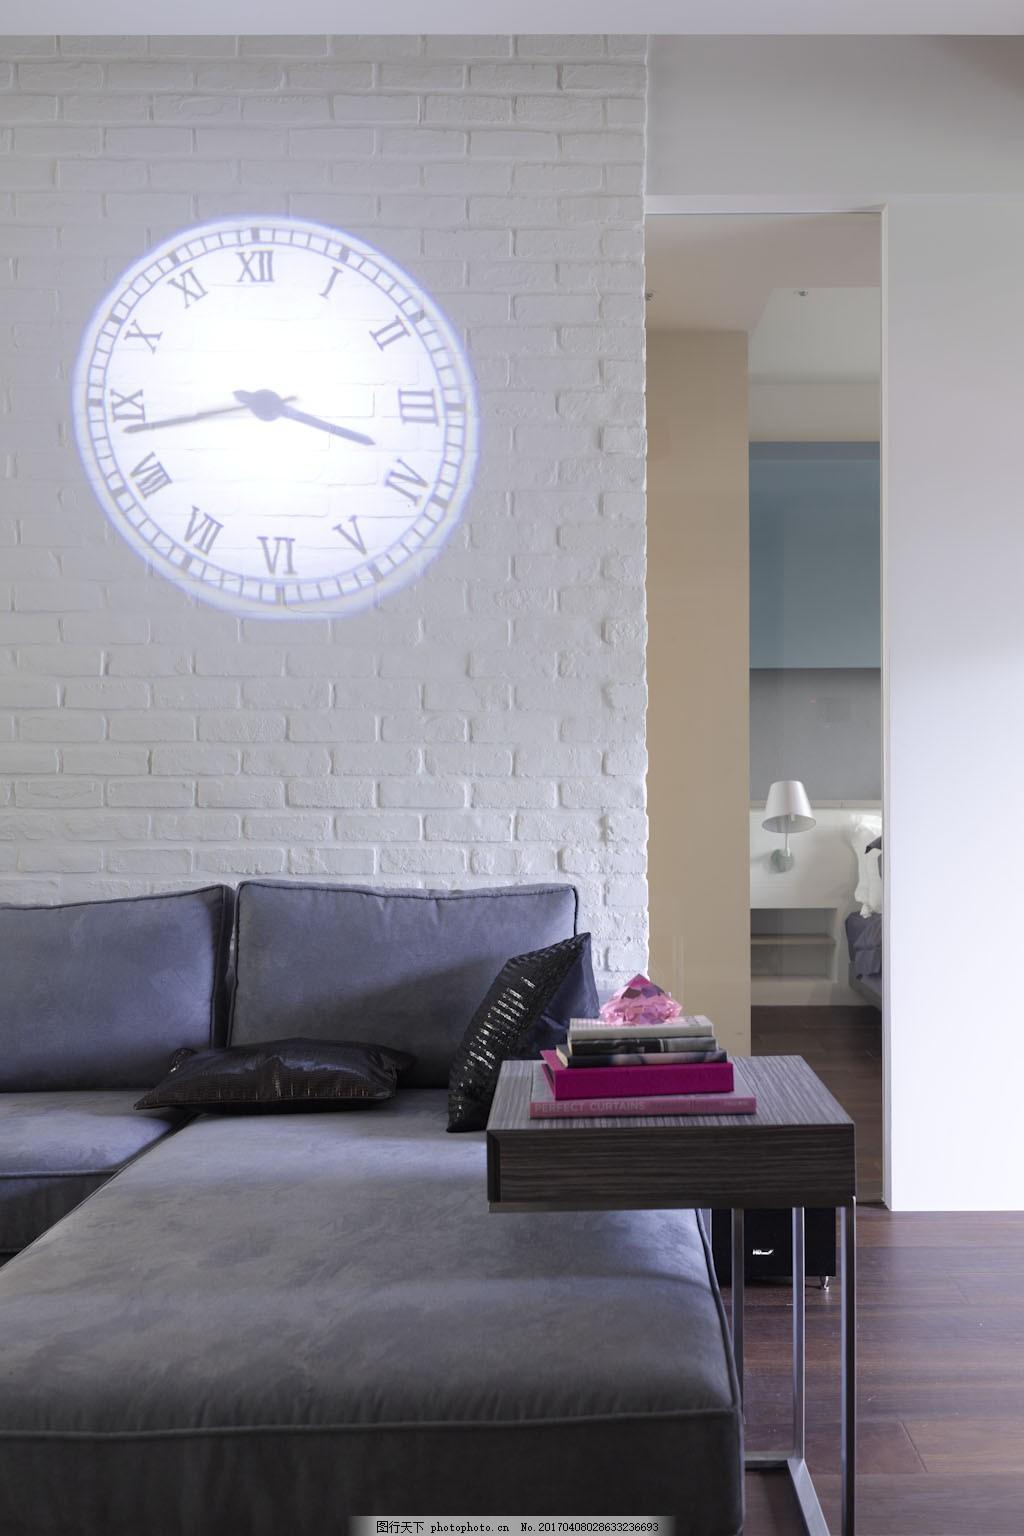 港式客廳簡裝效果圖 室內設計 家裝效果圖 港式裝修效果圖 奢華 設計